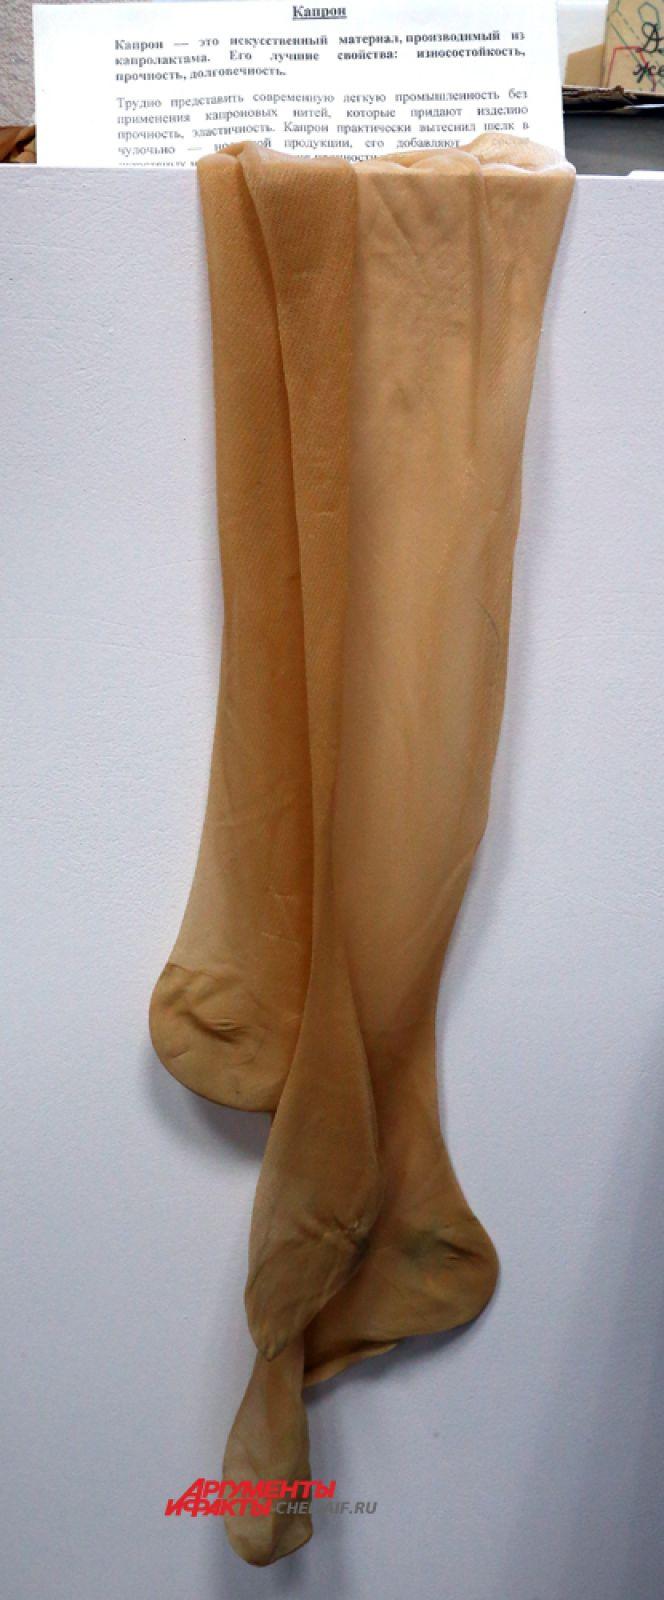 Чулки капроновые, в Америке их носили в 20-30 годах , в СССР- в 70 годах.